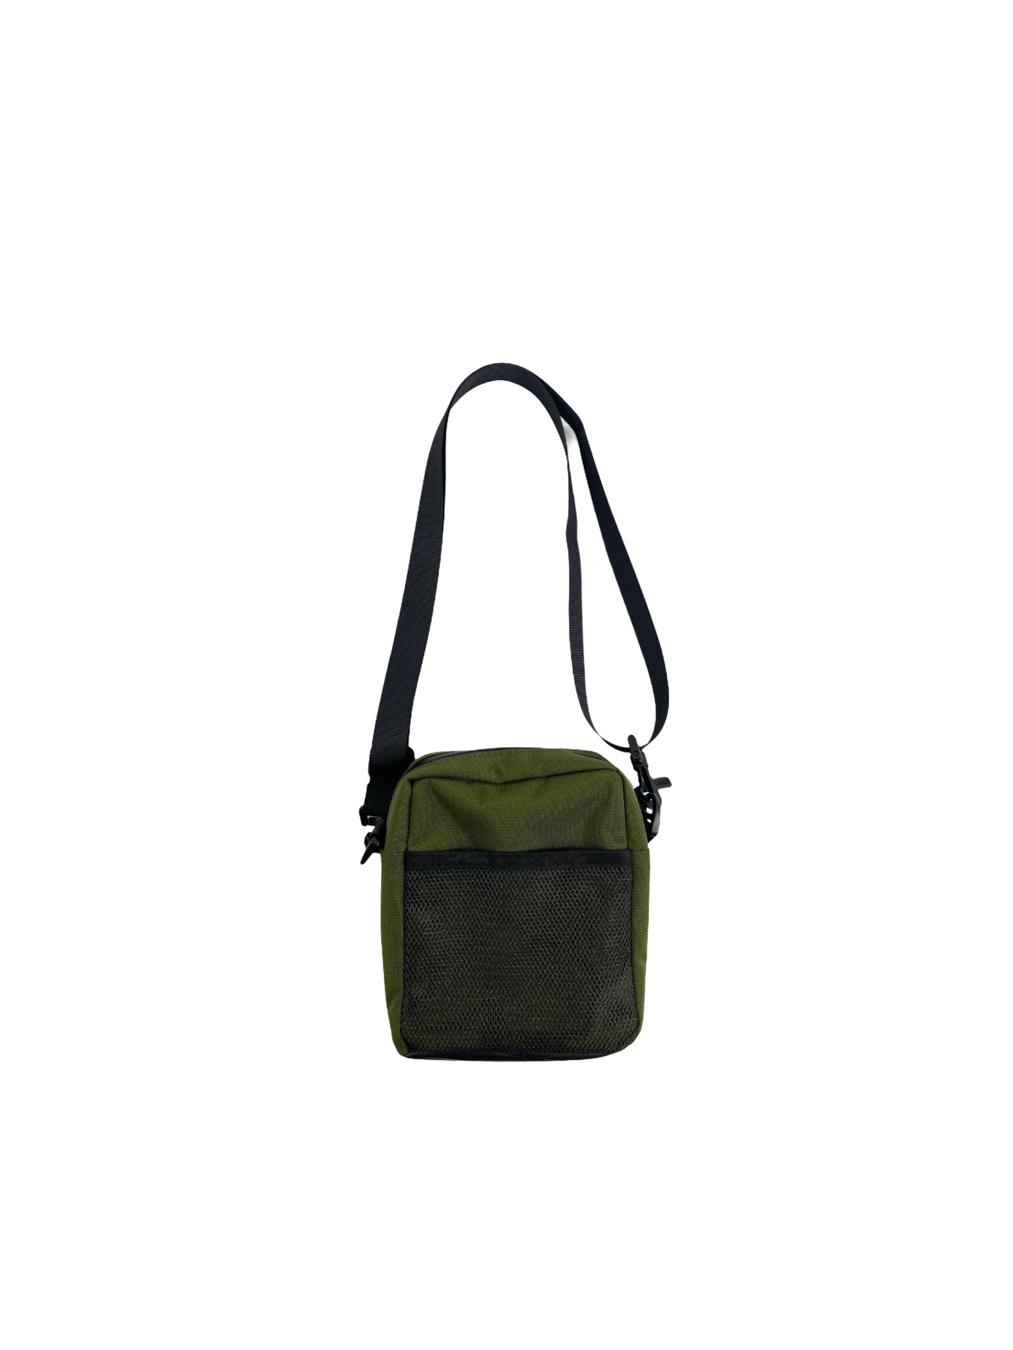 Micky Shoulder Bag (Olive)